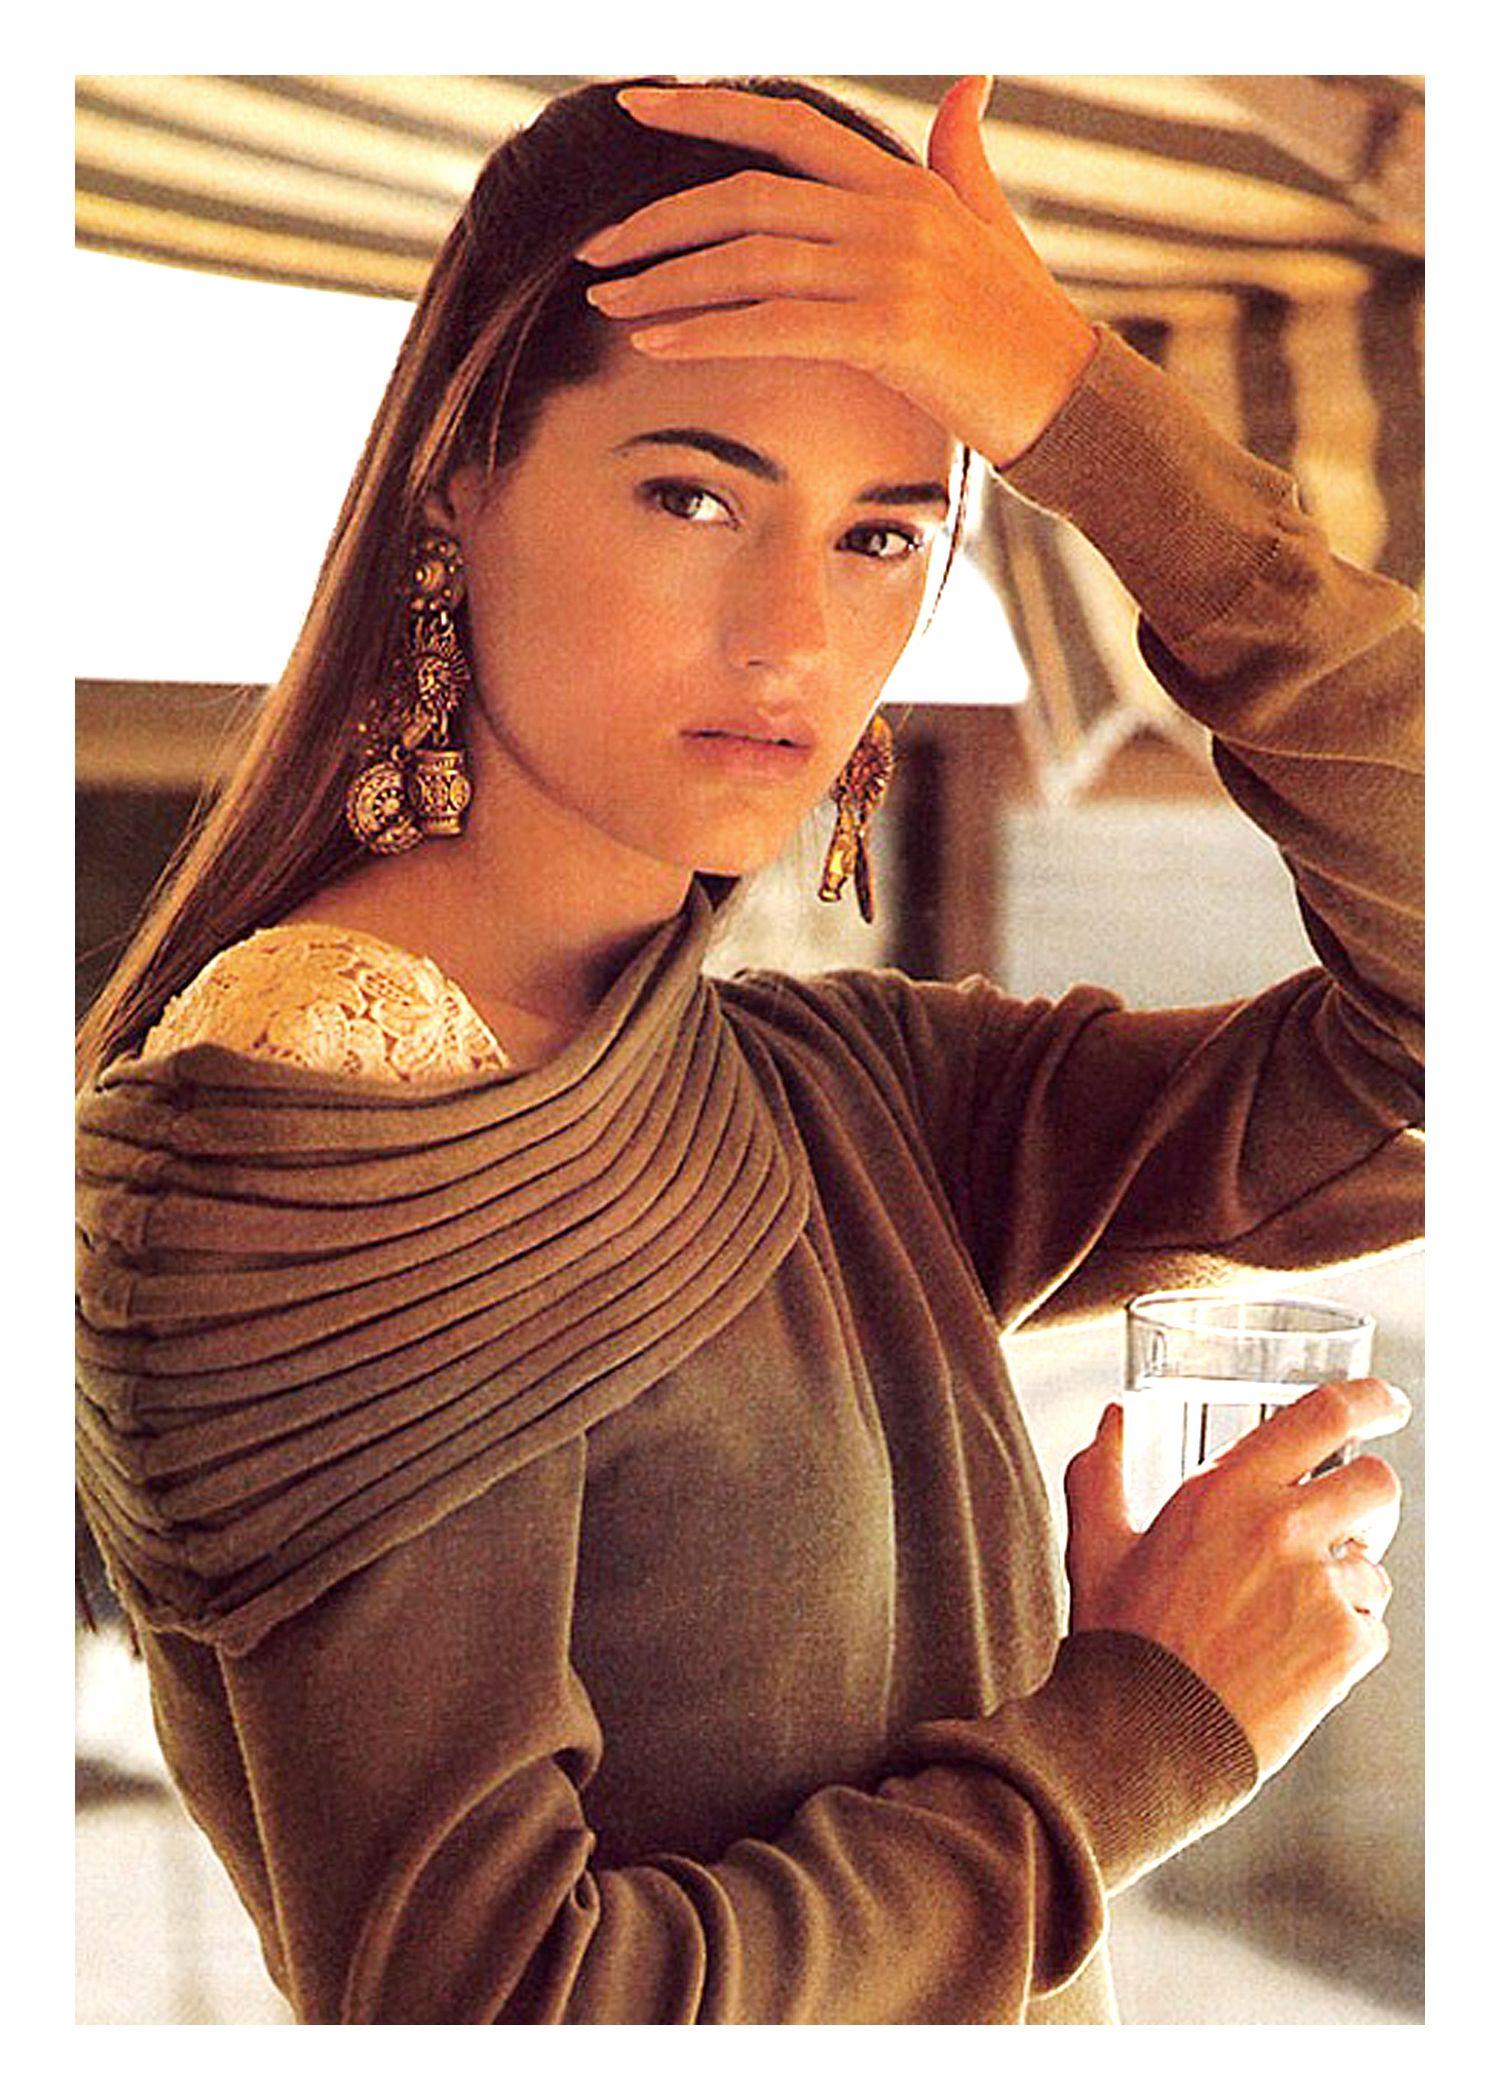 Pin by giovanna cannistraro on Yasmin Yasmin le bon